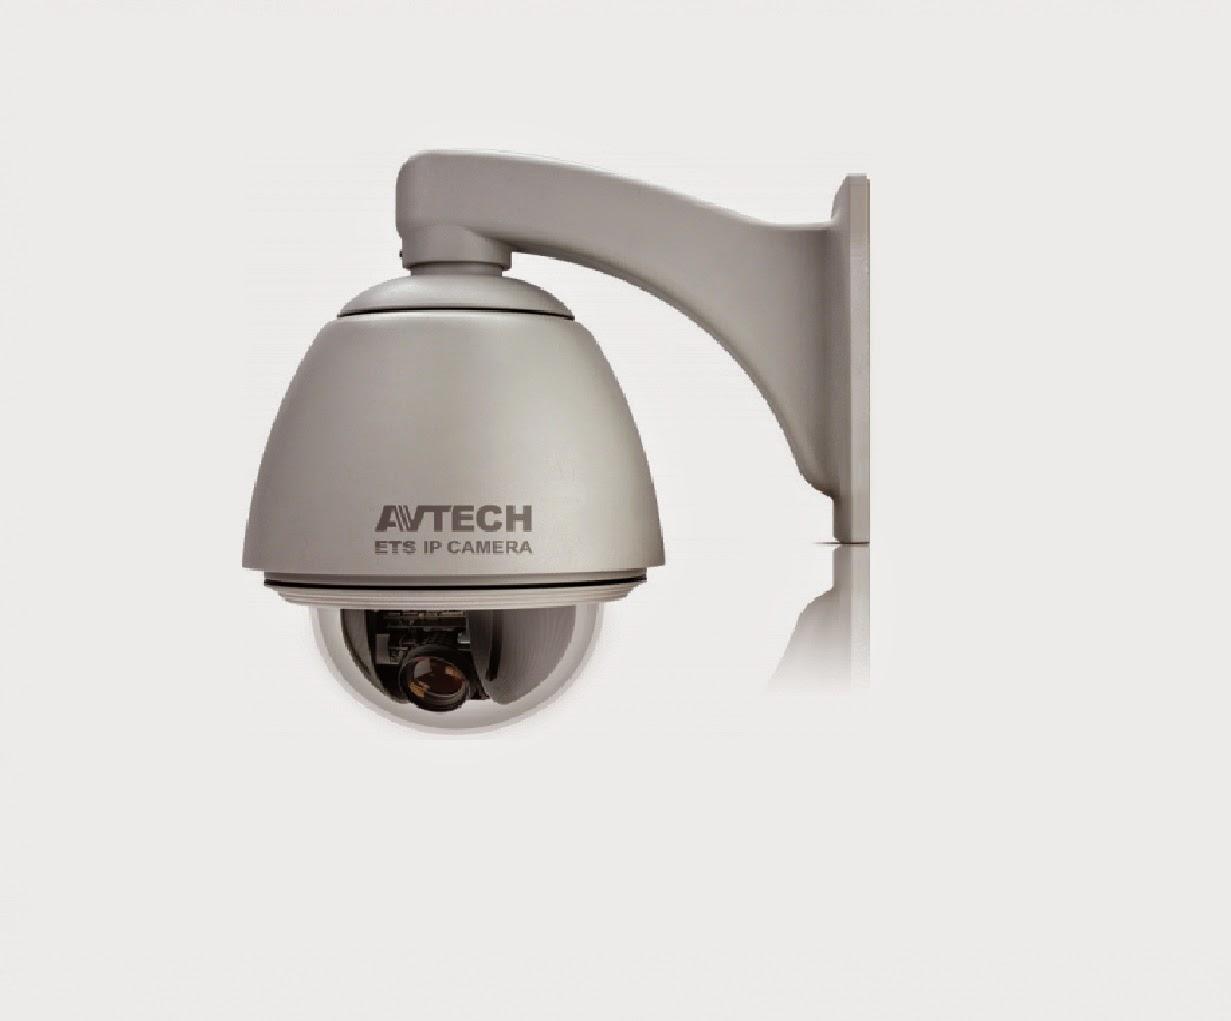 Camera AVTECH Speed Dome IP AVM583P, lắp camera Avtech, phân phối camera avtech, lắp camear long an,cong ty camera đức hòa, lắp camera đồng nai, lắp camera hcm,, cho thue camera hcm